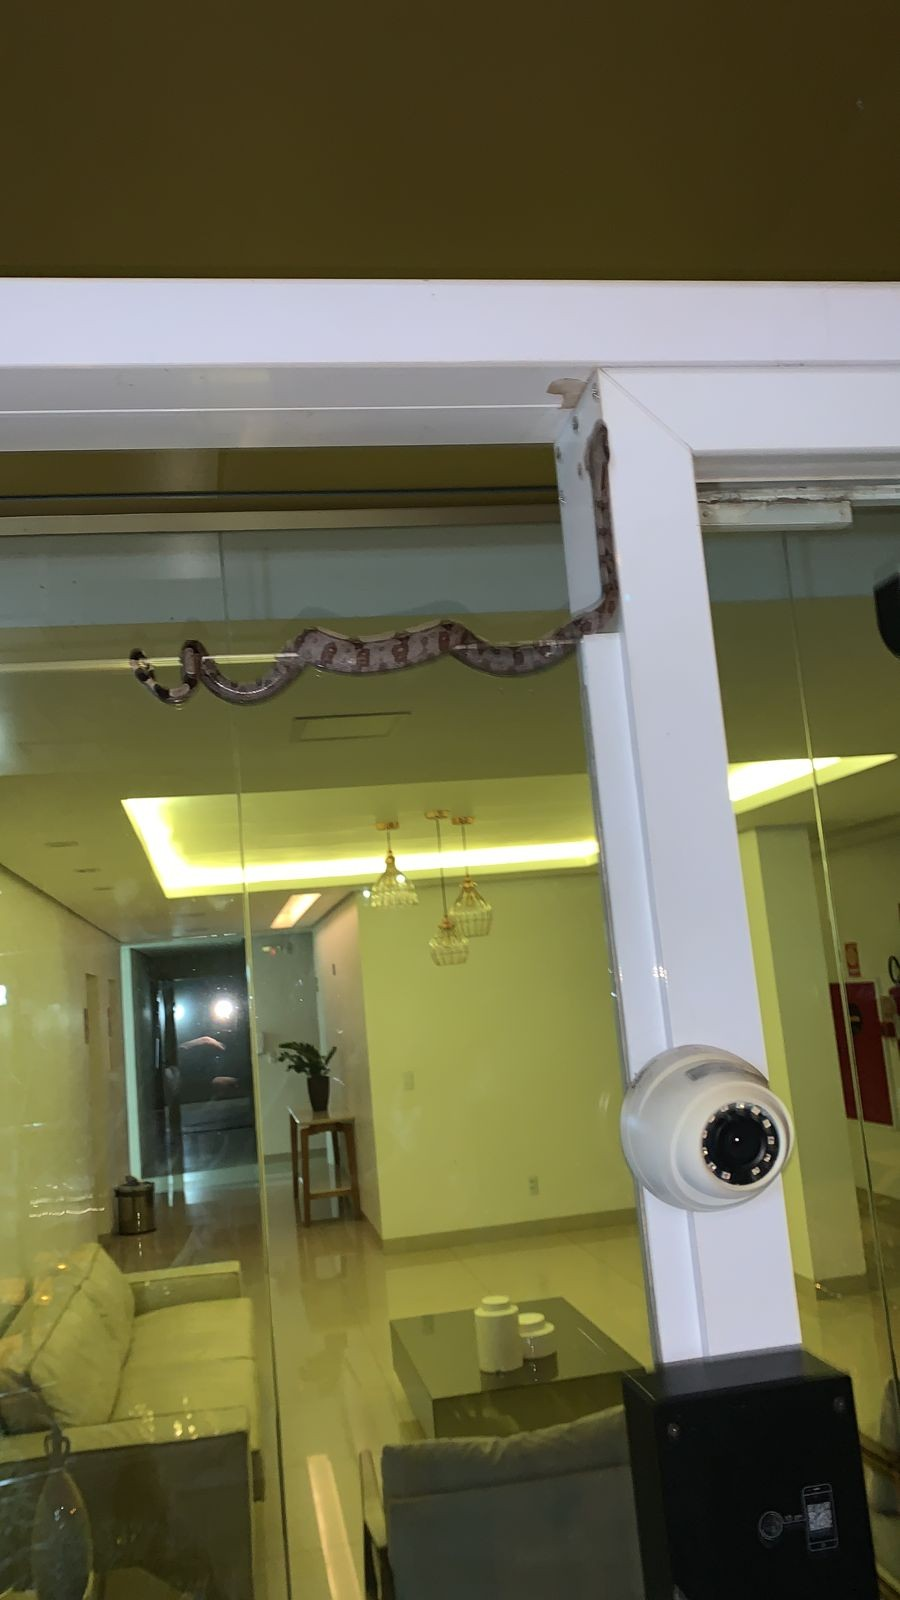 Cobra assusta moradores ao aparecer na entrada de condomínio no centro de Palmas; Vídeo